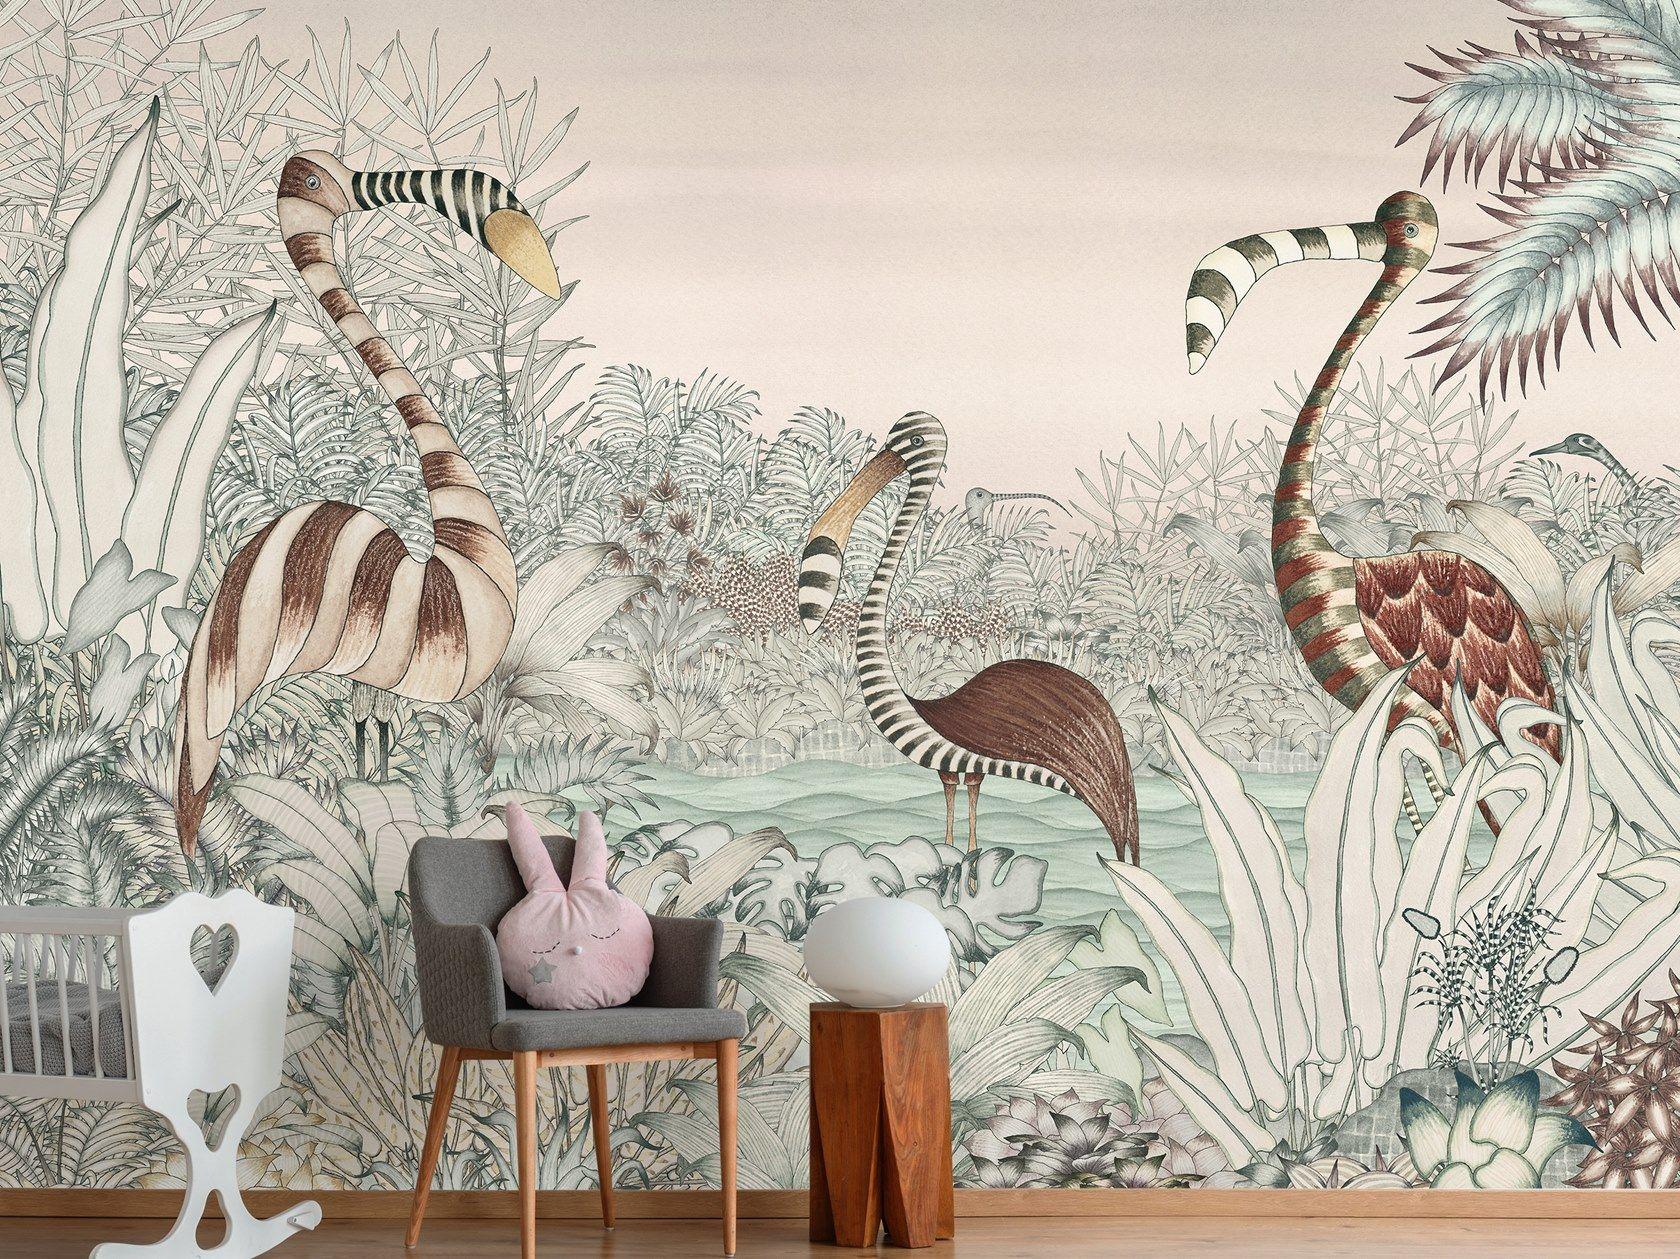 Italian Luxury Wallpaper for Hotels